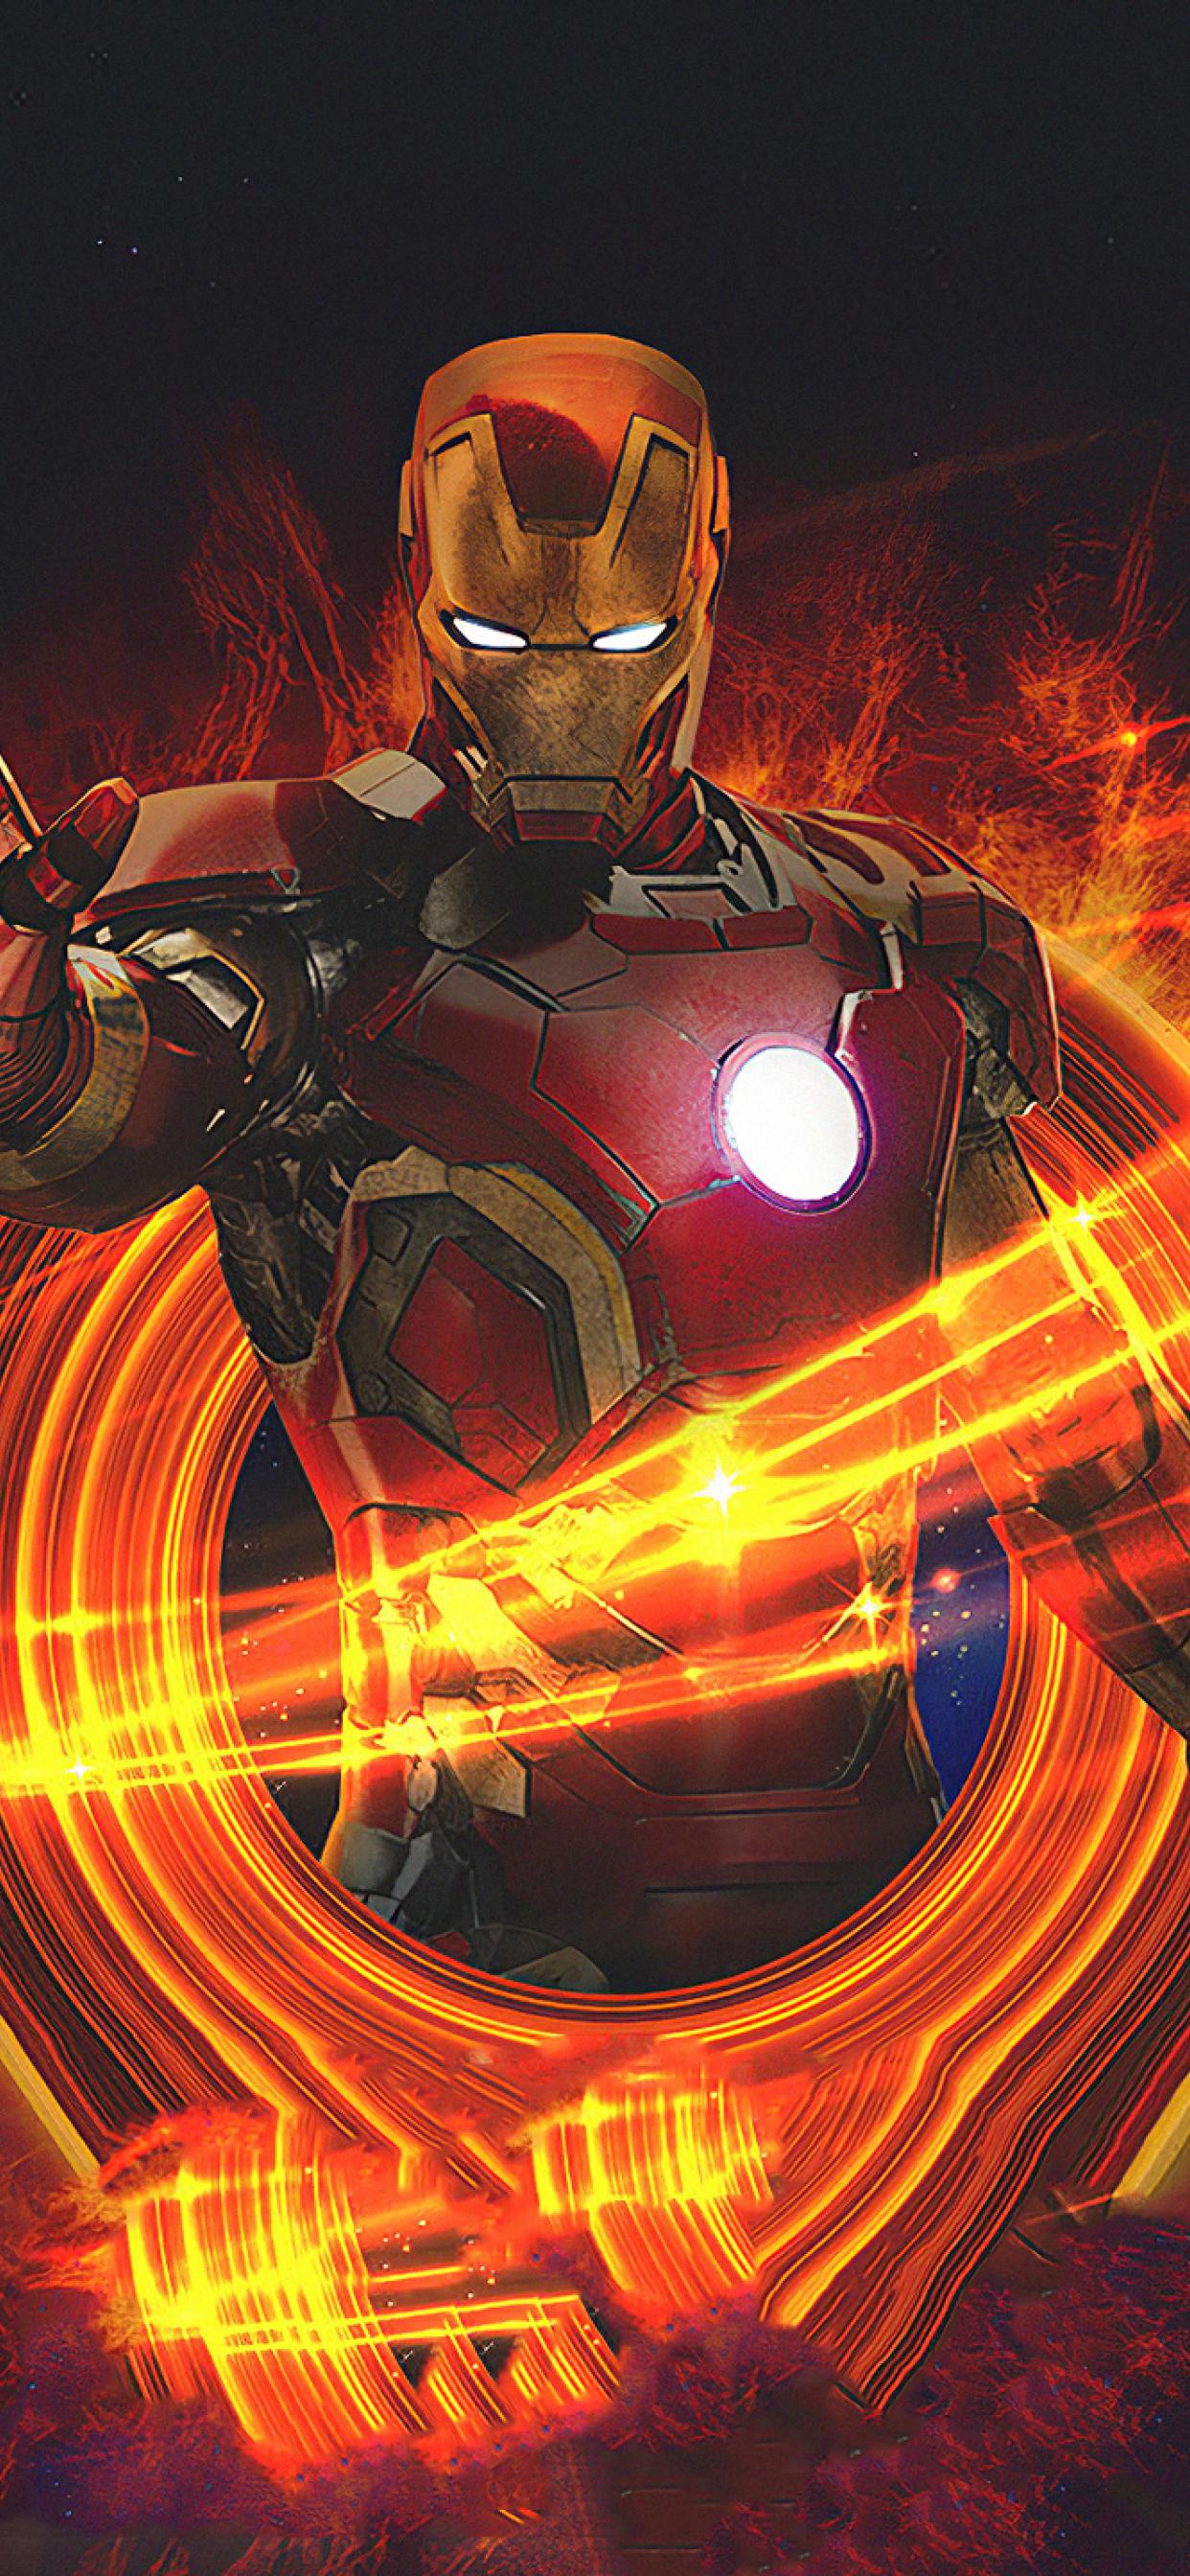 1242x2688 Marvel Iron Man Art Iphone XS MAX Wallpaper, HD ...